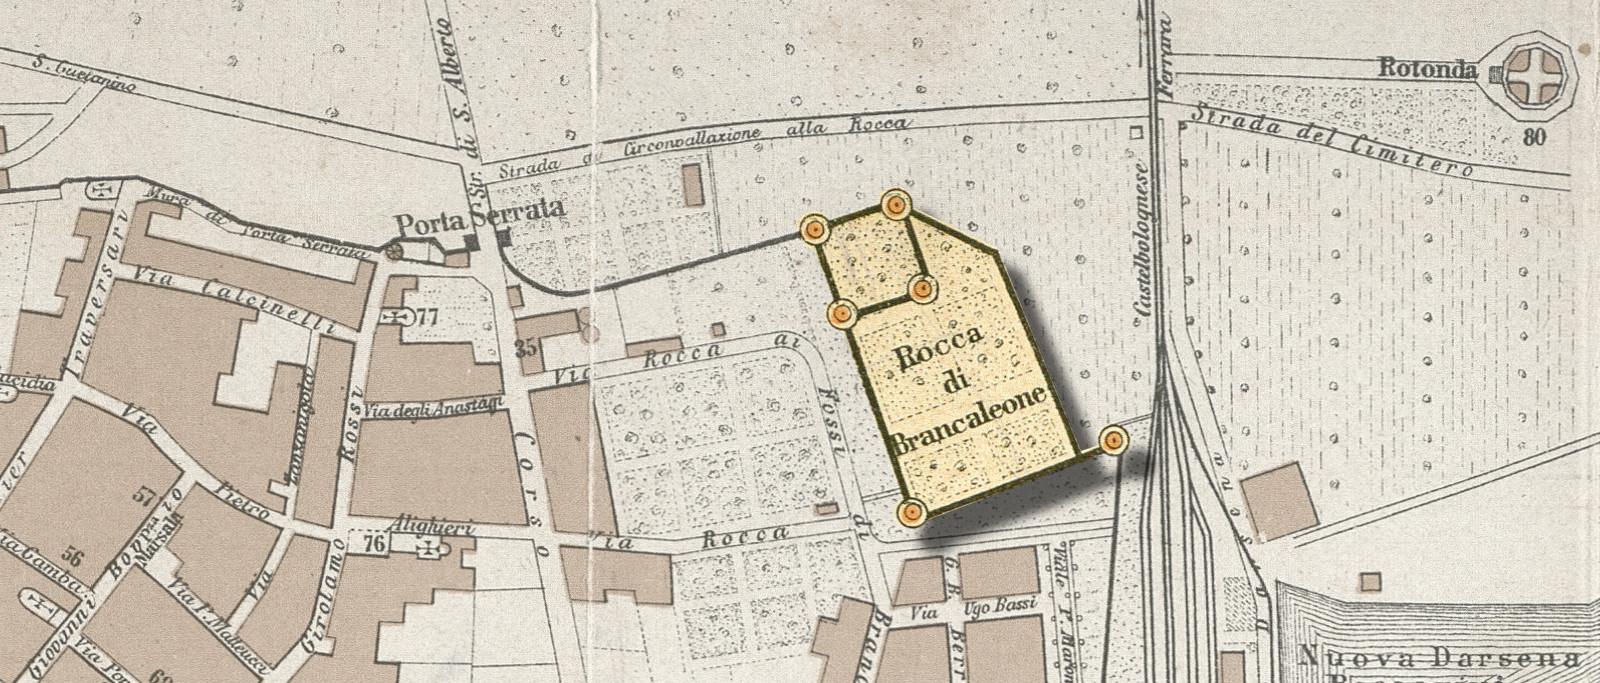 1907#Miserocchi-Brandolini 1907